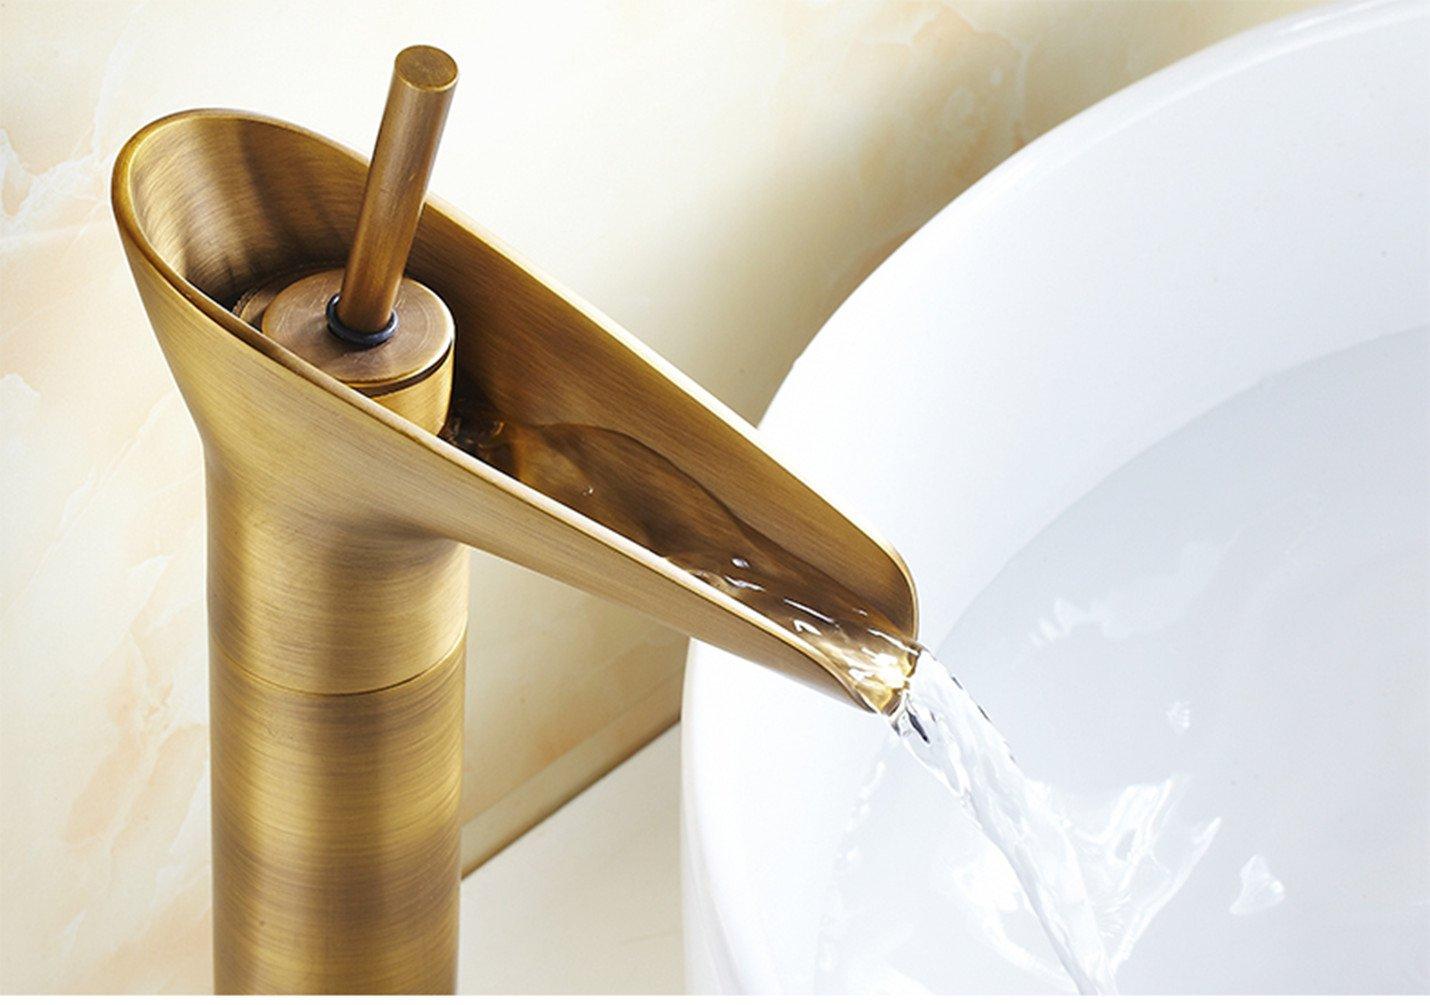 tenthome Retro Salle de Bain Robinet Cascade Mitigeur Robinet de lavabo en laiton ancien Mitigeur lavabo Batterie